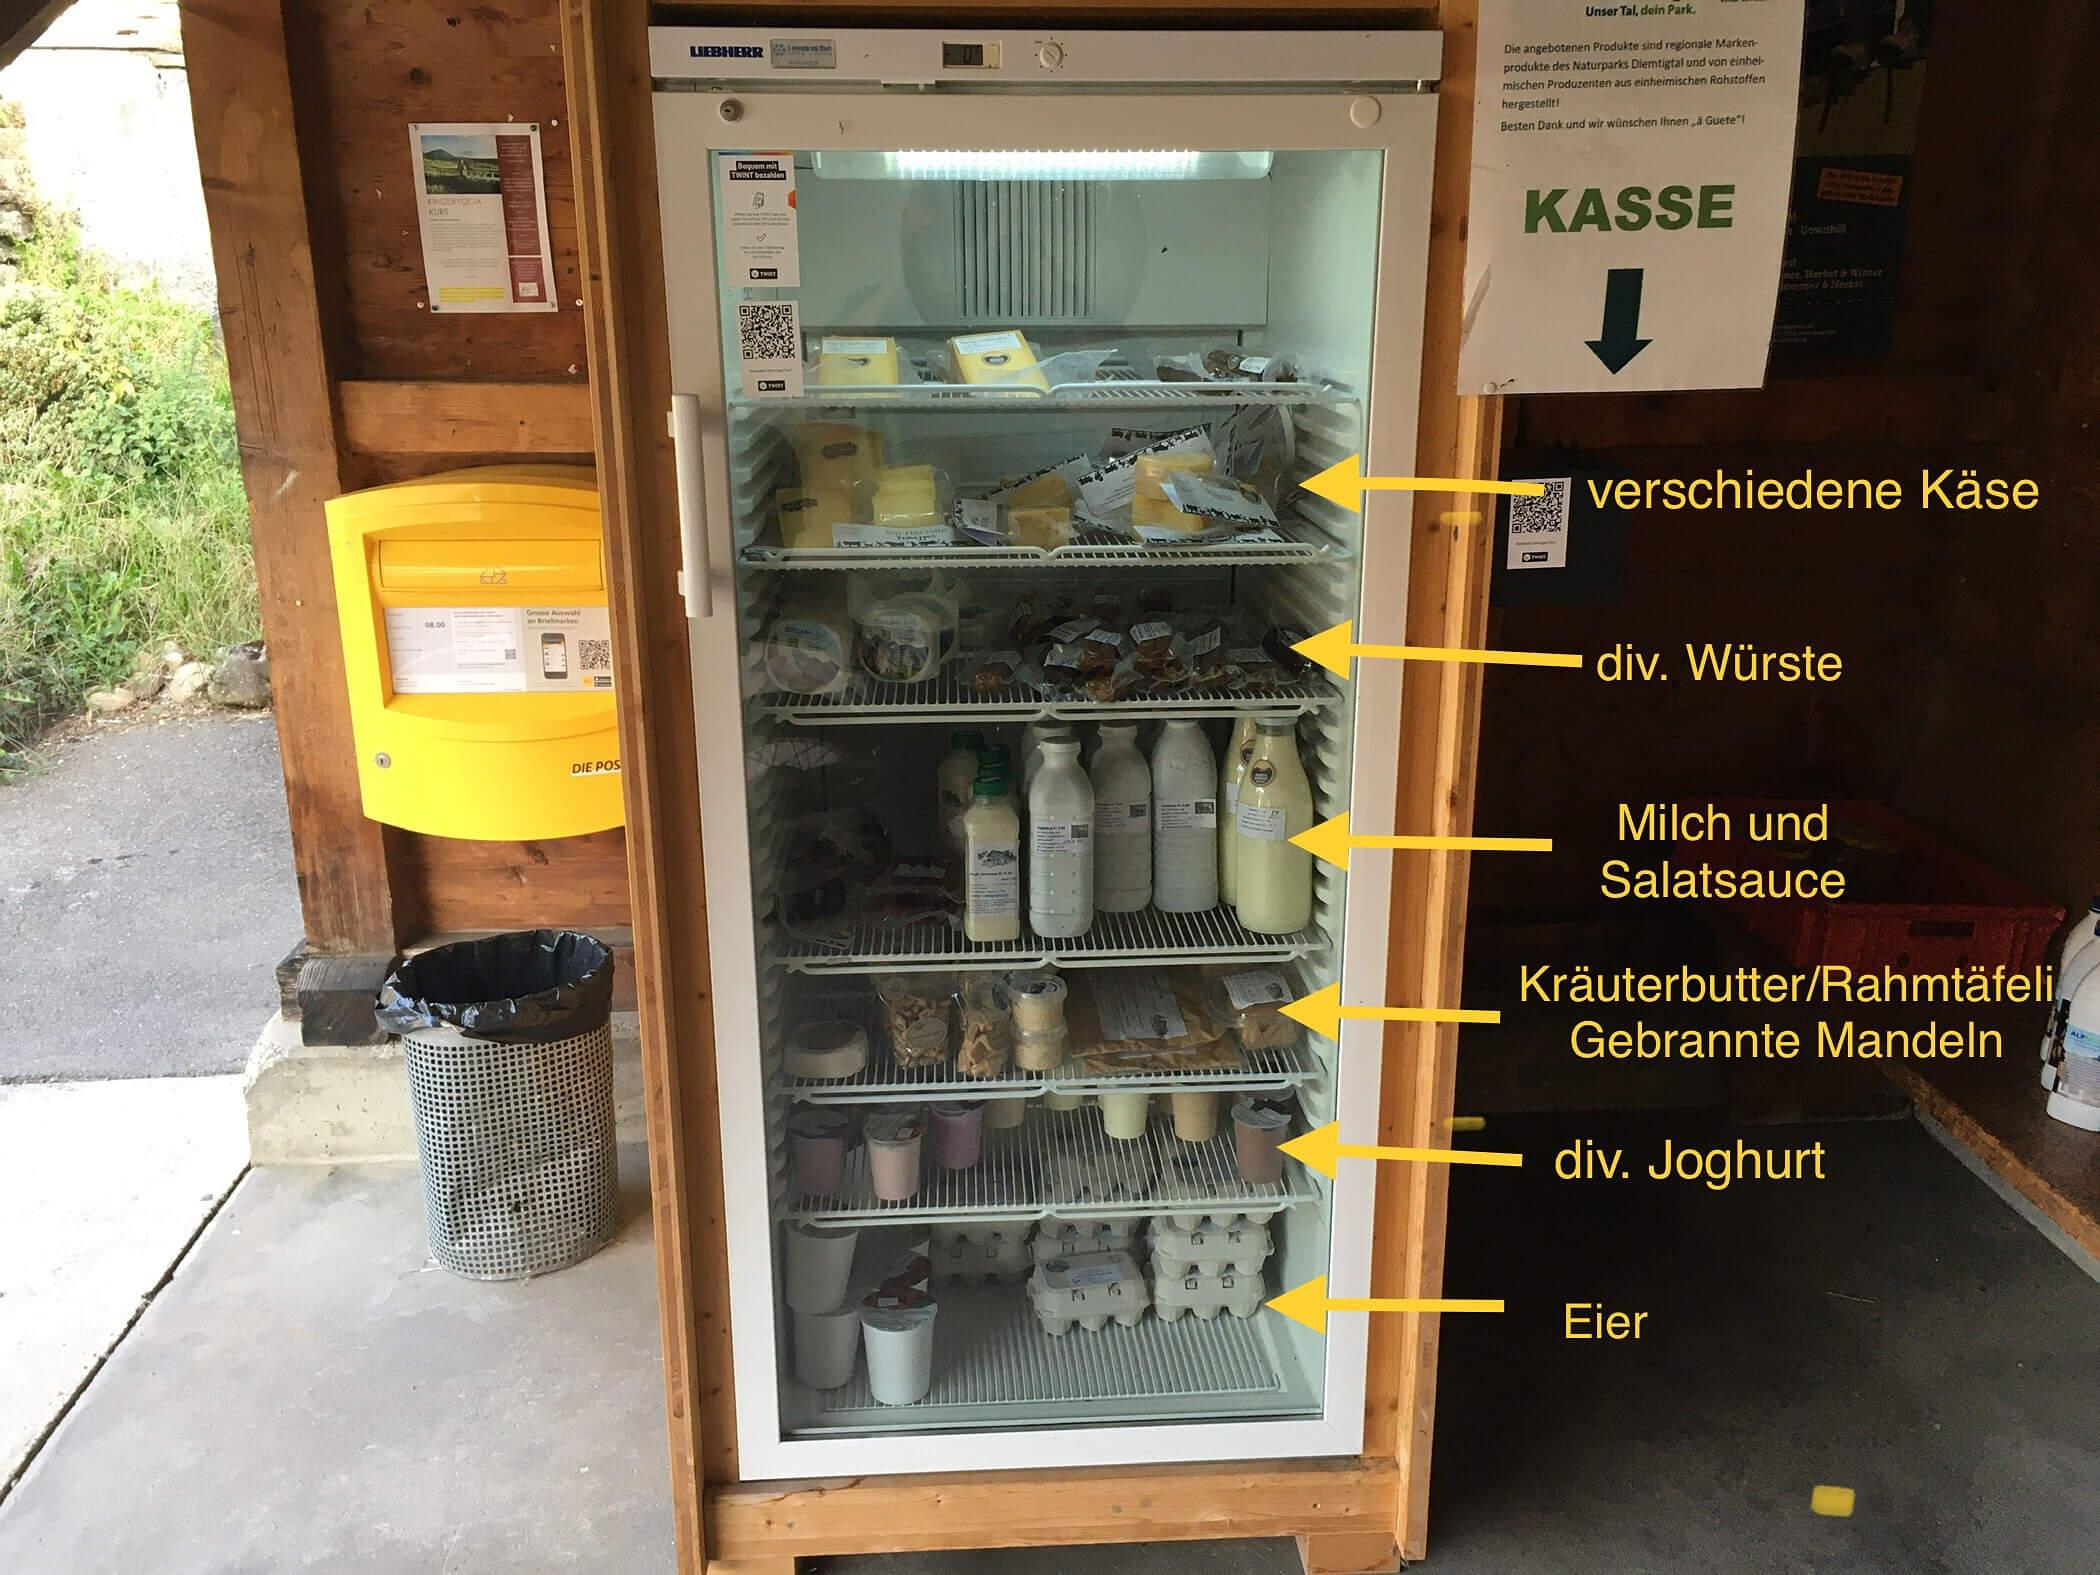 Produktekühlschrank in Diemtigen